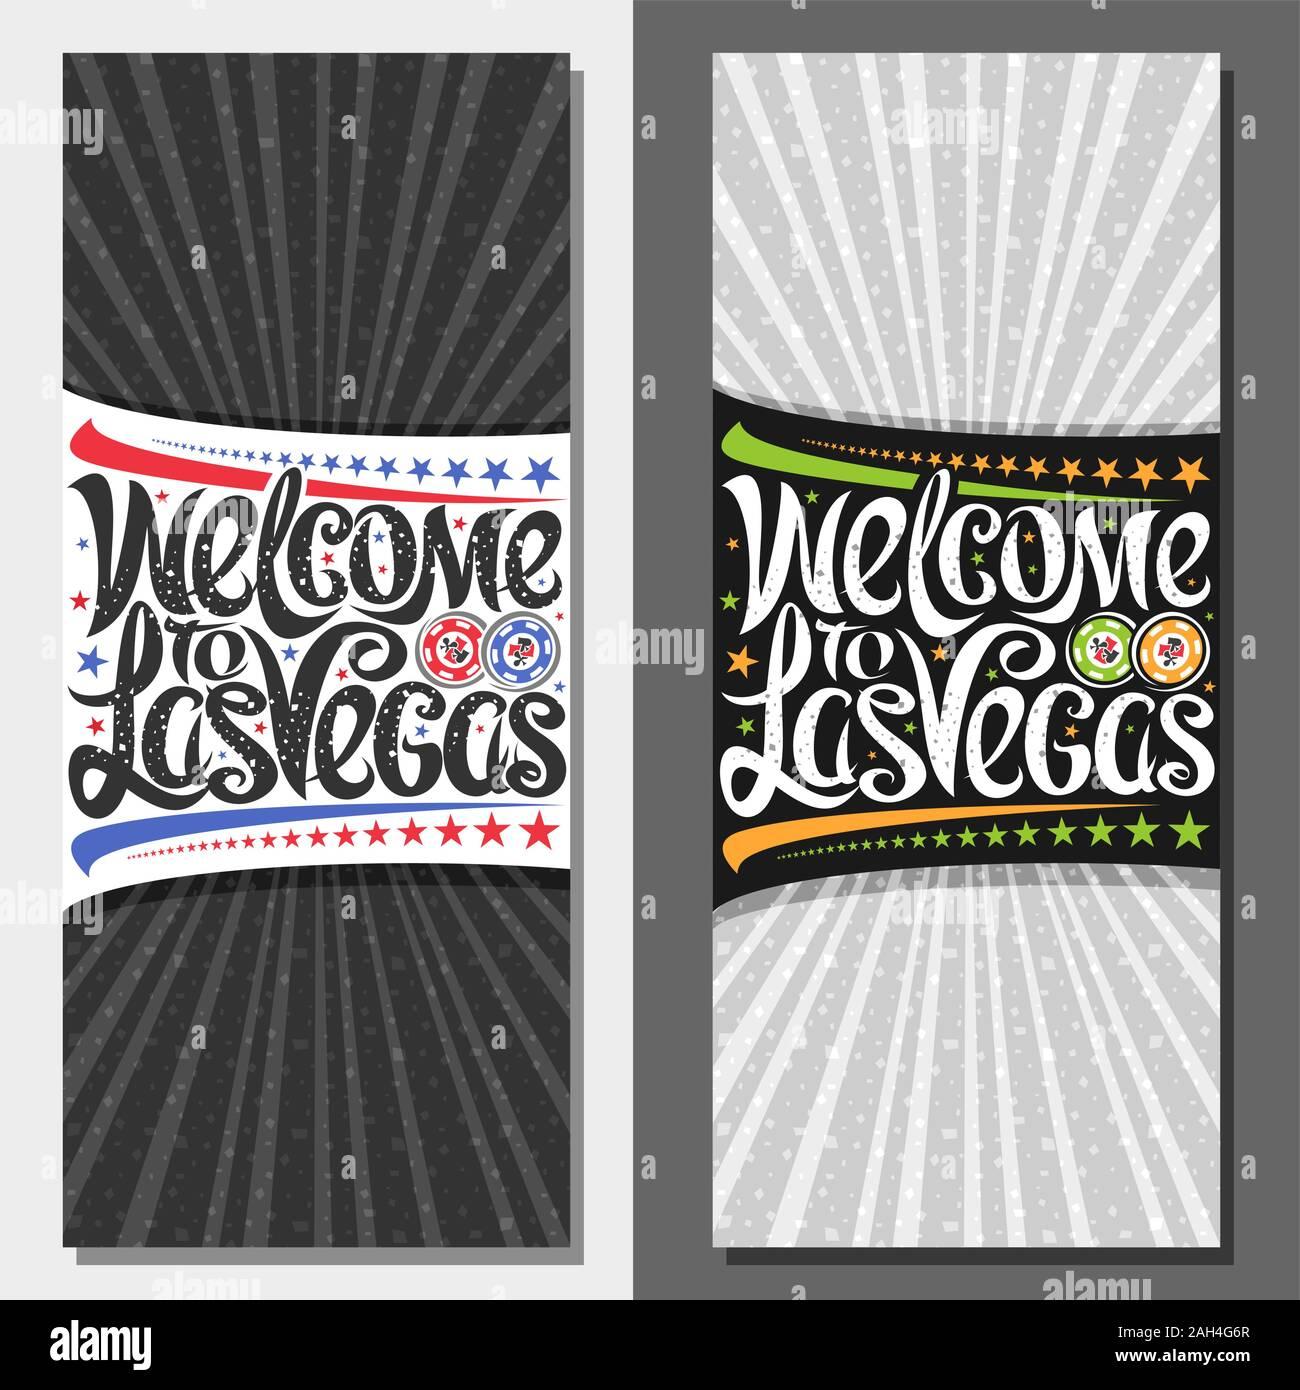 Detenerse Tigre Inmunizar  Vales de vectores para Las Vegas con copia espacio, cupón decorativos con  la ilustración de fichas de juego, las estrellas en una fila y tipografía  creativa para el eslogan Imagen Vector de